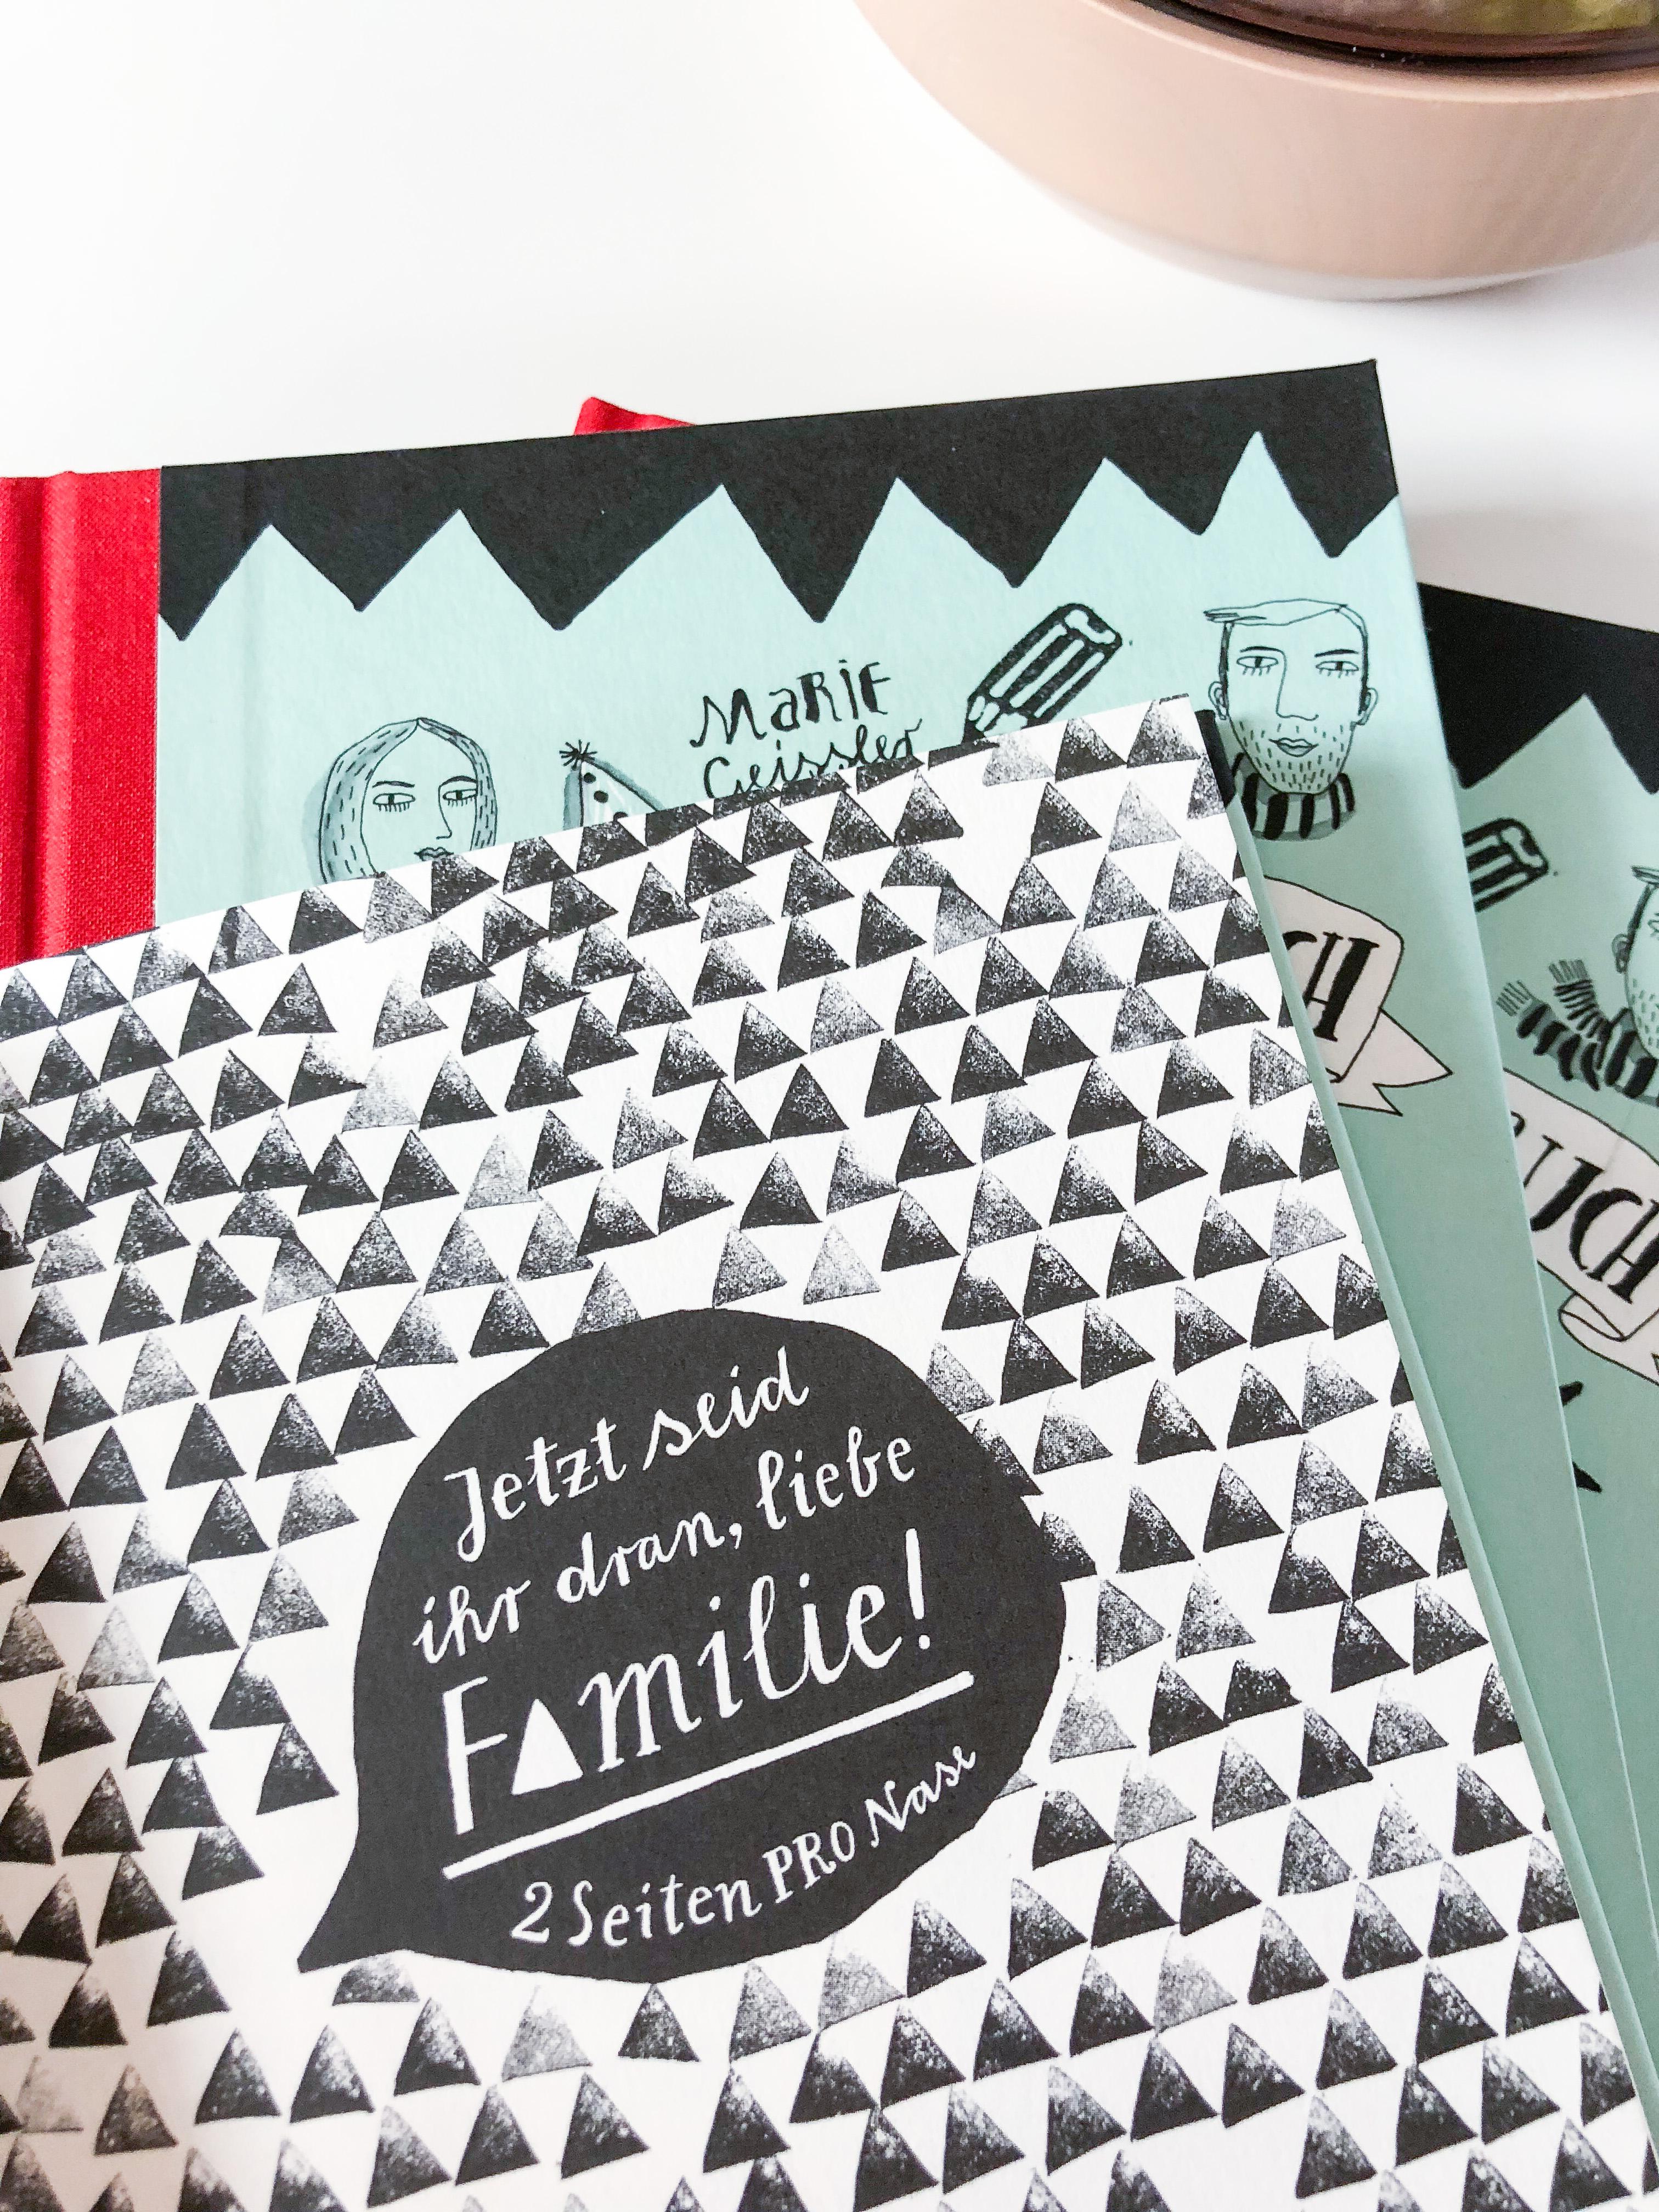 Mein Familienbuch - ein Freundebuch für die Familie.